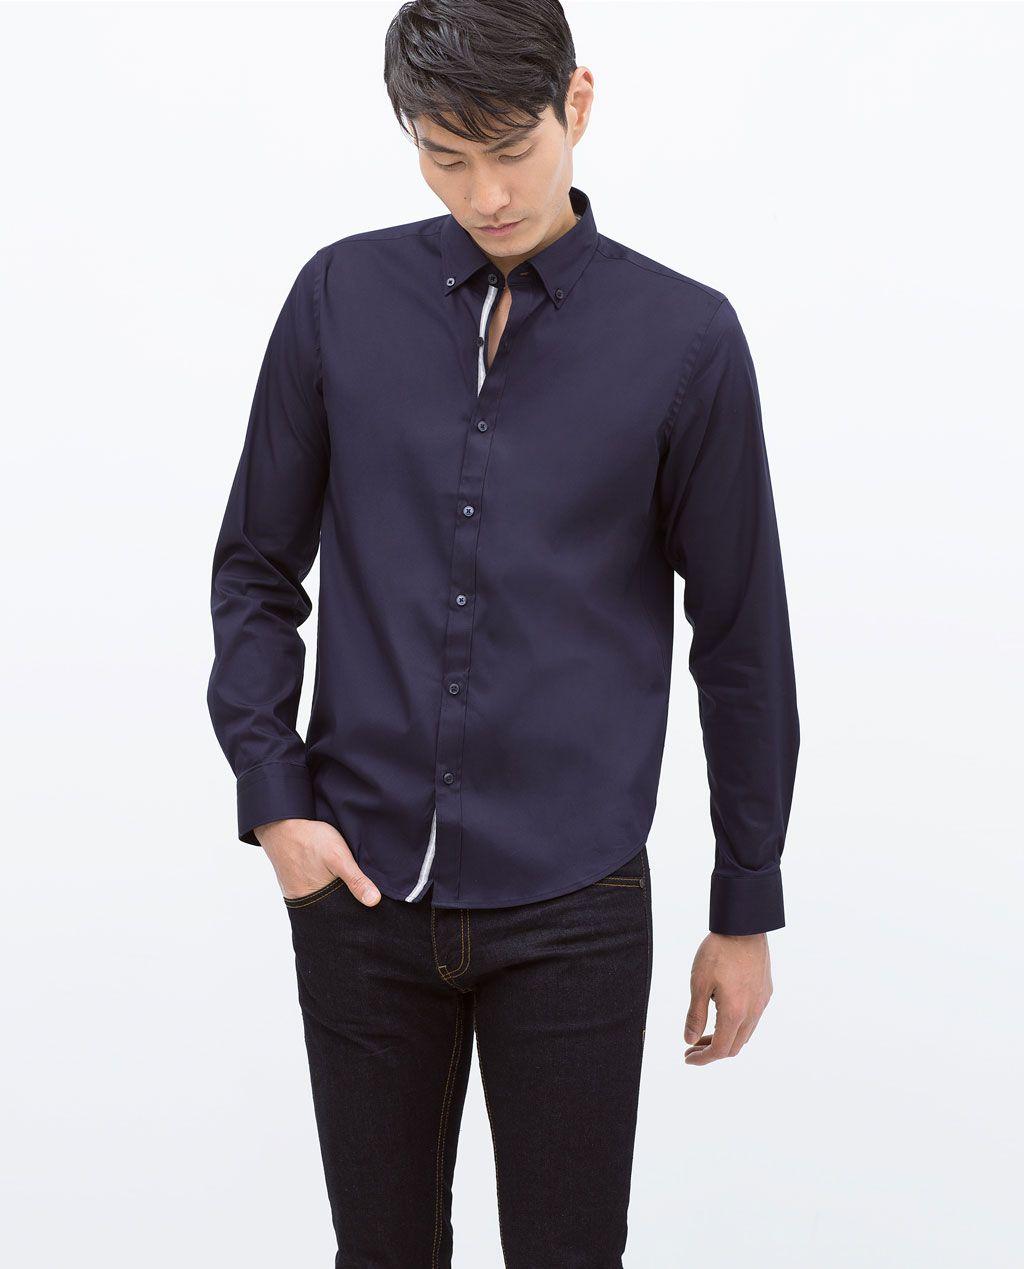 Stretch Shirt With Decorative Stripe From Zara Stretch